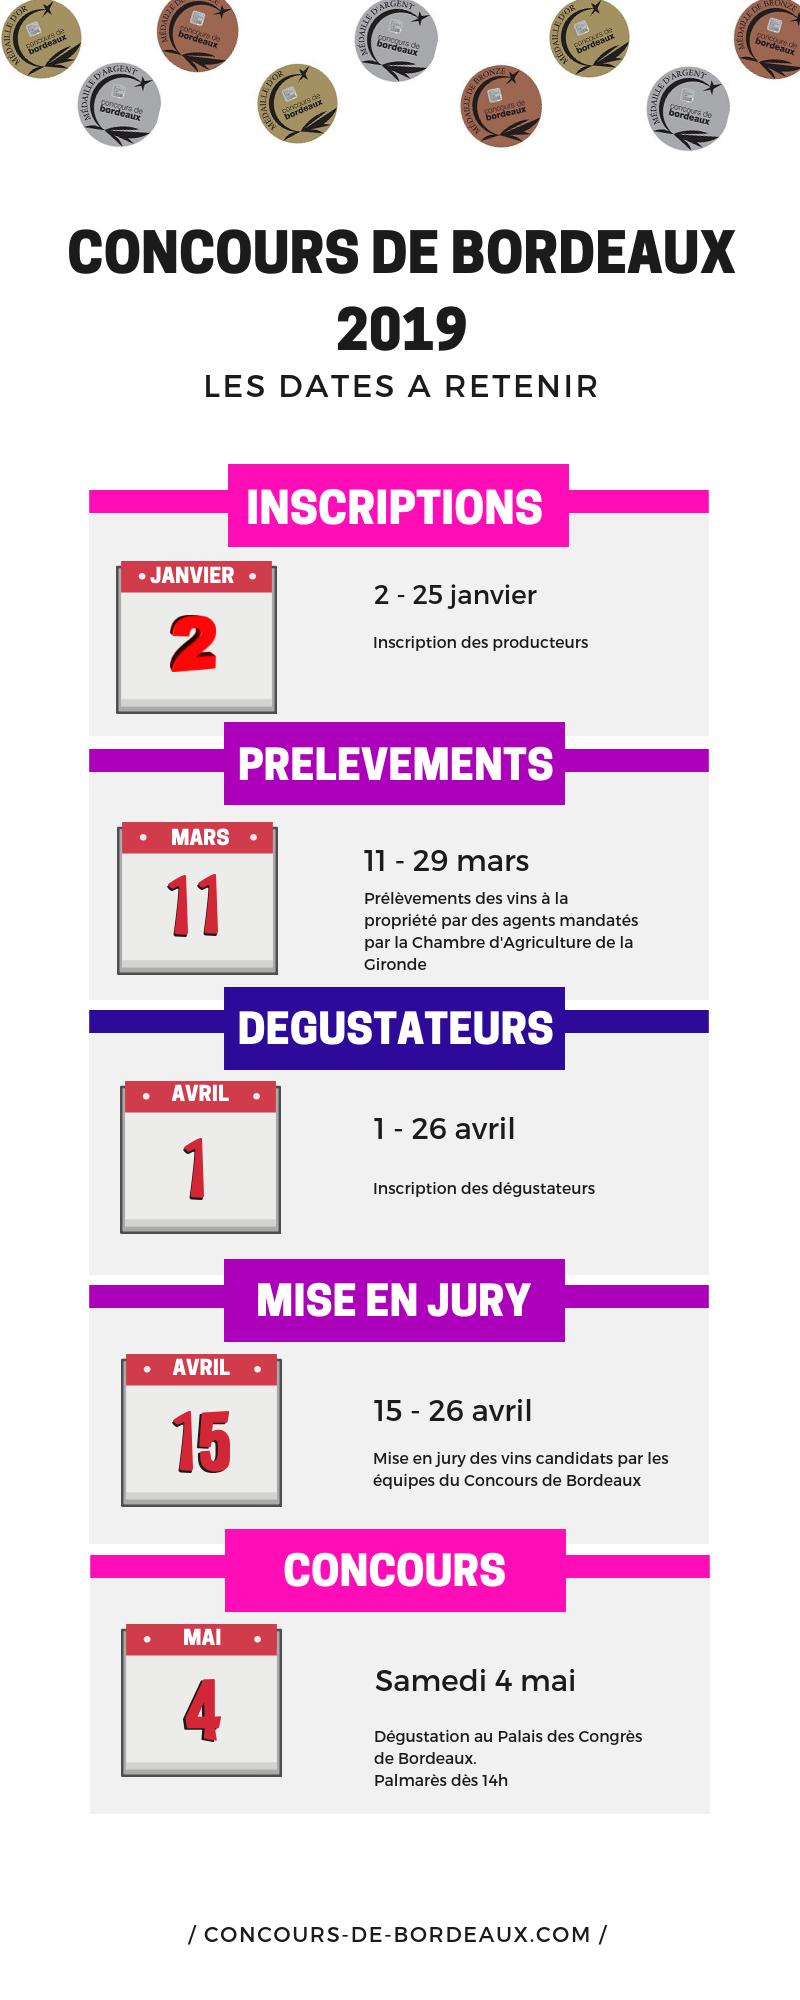 concours de bordeaux 2019 : les dates à retenir